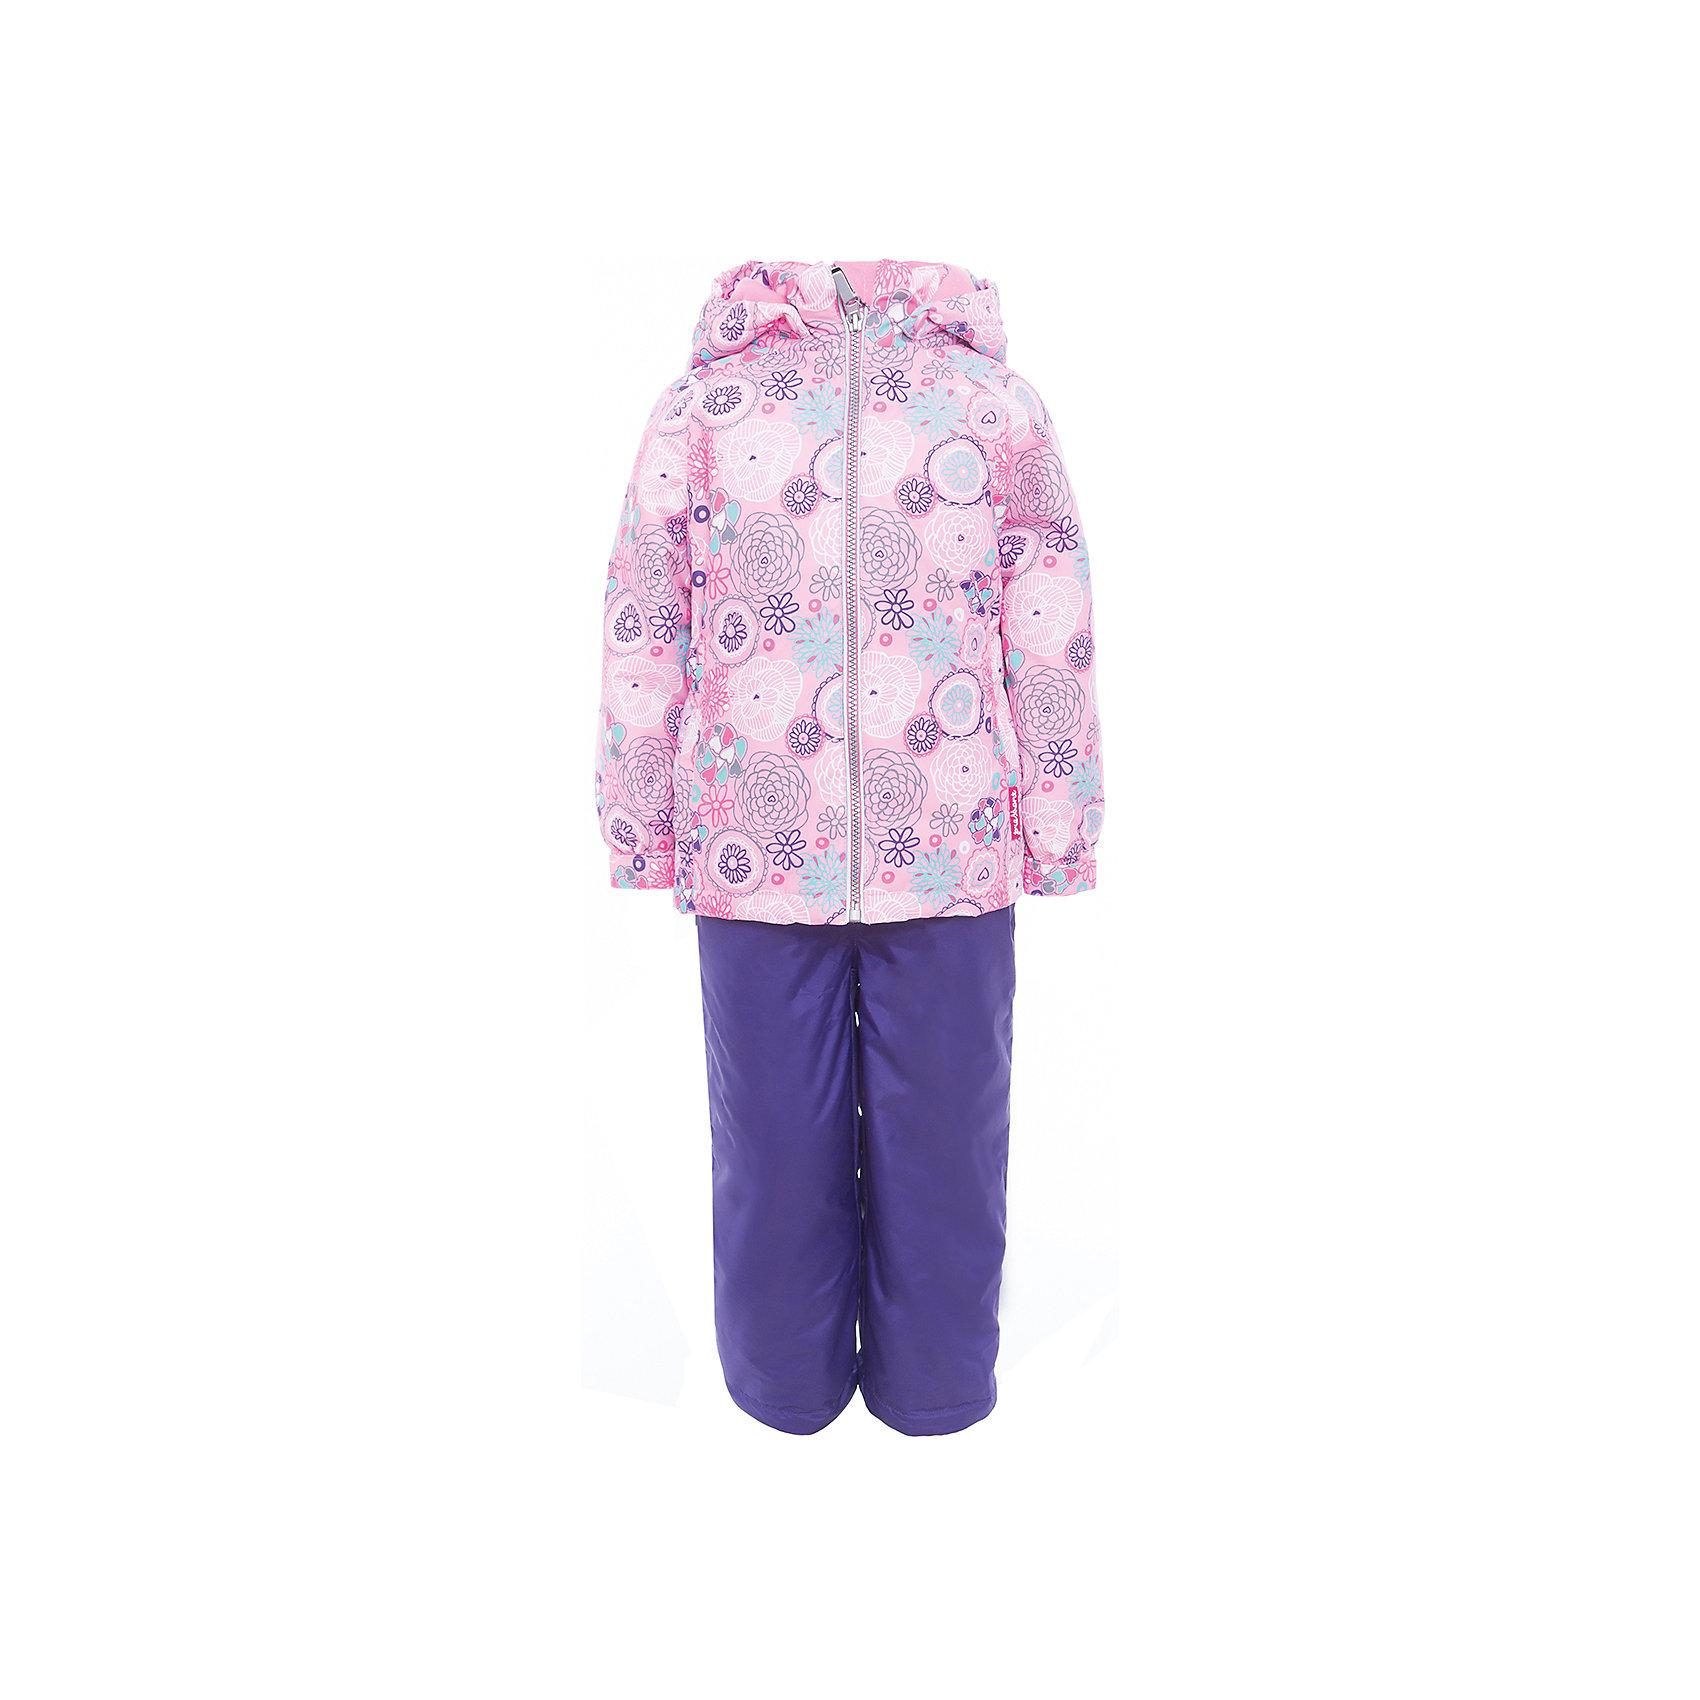 Комплект: куртка и полукомбинезон для девочки PremontВерхняя одежда<br>Характеристики товара:<br><br>• цвет: розовый, фиолетовый<br>• состав: 100% полиэстер, мембрана 3000 мм/ 3000 г/м ?/24h<br>• подкладка: тафетта, трикотаж с ворсом на воротнике и в капюшоне<br>• утеплитель: Tech-Polyfill, в куртке 120 г/м2,  в брюках 80 г/м2<br>• комплектация: куртка и полукомбинезон<br>• температурный режим: от -5° С до +10° С<br>• водонепроницаемый материал<br>• съемный капюшон<br>• силиконовые съемные штрипки<br>• брюки с утяжкой на талии<br>• светоотражающие элементы<br>• молния<br>• страна бренда: Канада<br><br>Этот демисезонный комплект из куртки и полукомбинезона поможет обеспечить ребенку комфорт и тепло. Материал отлично подходит для дождливой погоды. Для производства продукции используются только безопасные, проверенные материалы и качественная фурнитура. Порадуйте ребенка модными и красивыми вещами от Premont! <br><br>Комплект: куртка и полукомбинезон для девочки от известного бренда Premont можно купить в нашем интернет-магазине.<br><br>Ширина мм: 356<br>Глубина мм: 10<br>Высота мм: 245<br>Вес г: 519<br>Цвет: розовый<br>Возраст от месяцев: 18<br>Возраст до месяцев: 24<br>Пол: Женский<br>Возраст: Детский<br>Размер: 92,152,98,104,110,116,122,128,134,140,146<br>SKU: 5352979